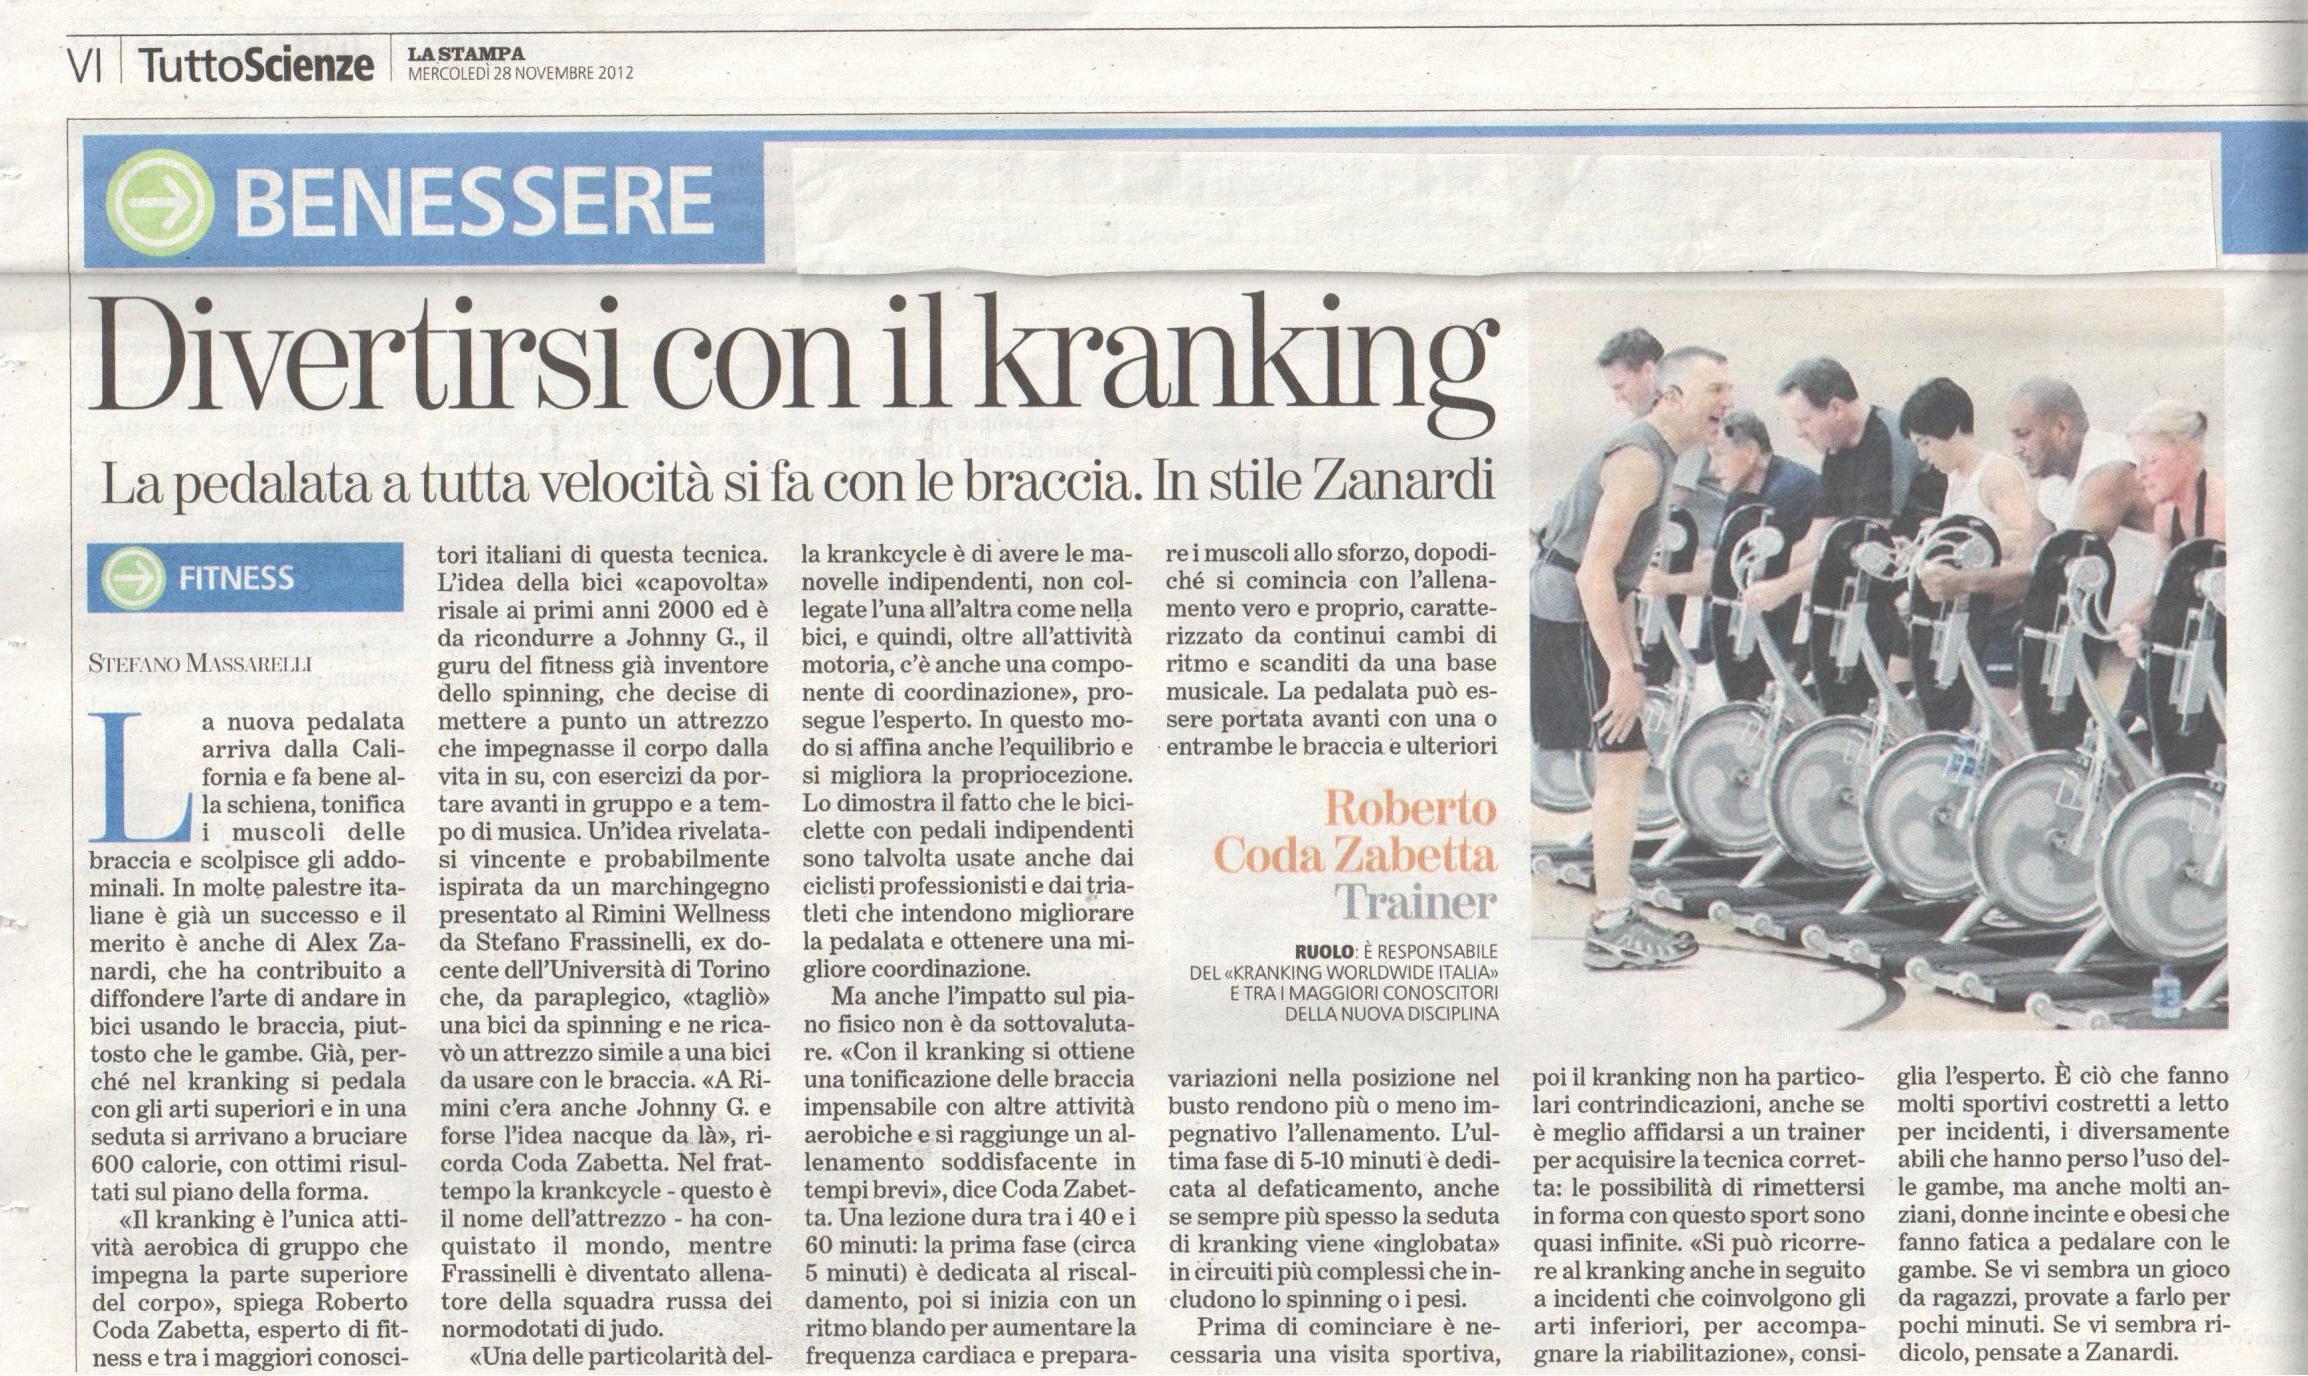 krancycle by matrix, articolo de La Stampa